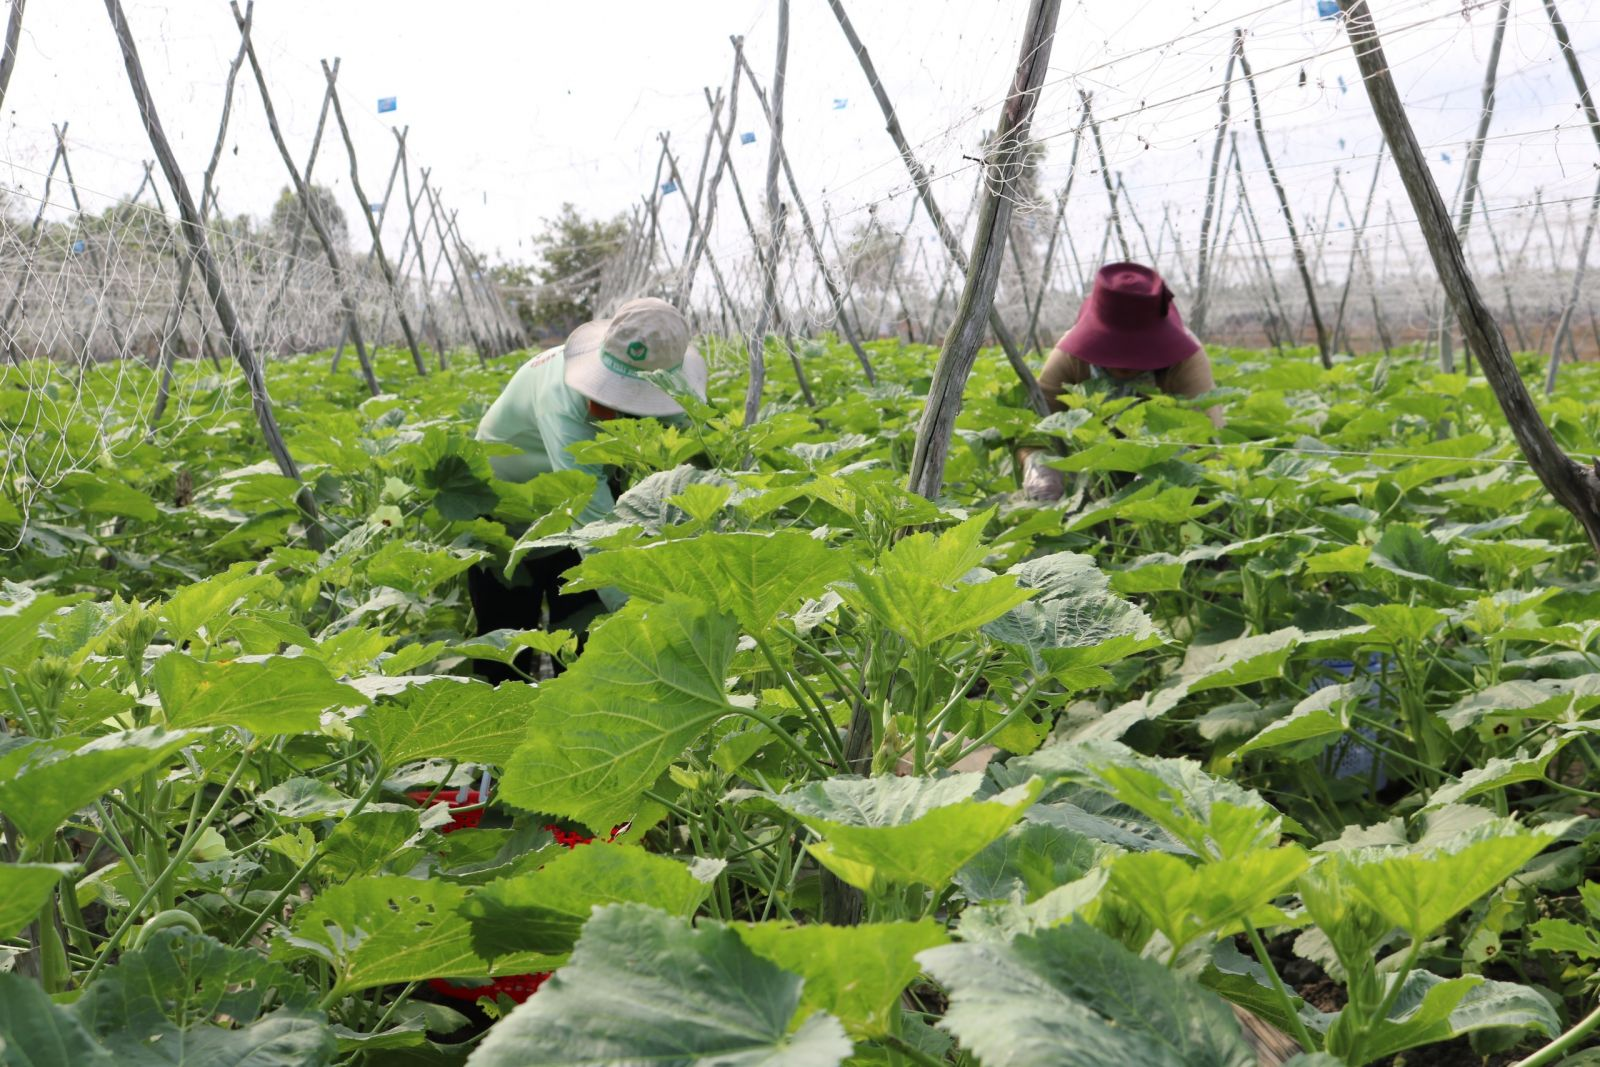 Hiện nay, một số hợp tác xã nông nghiệp trên địa bàn tỉnh dù có sự liên kết nhưng chưa chặt chẽ